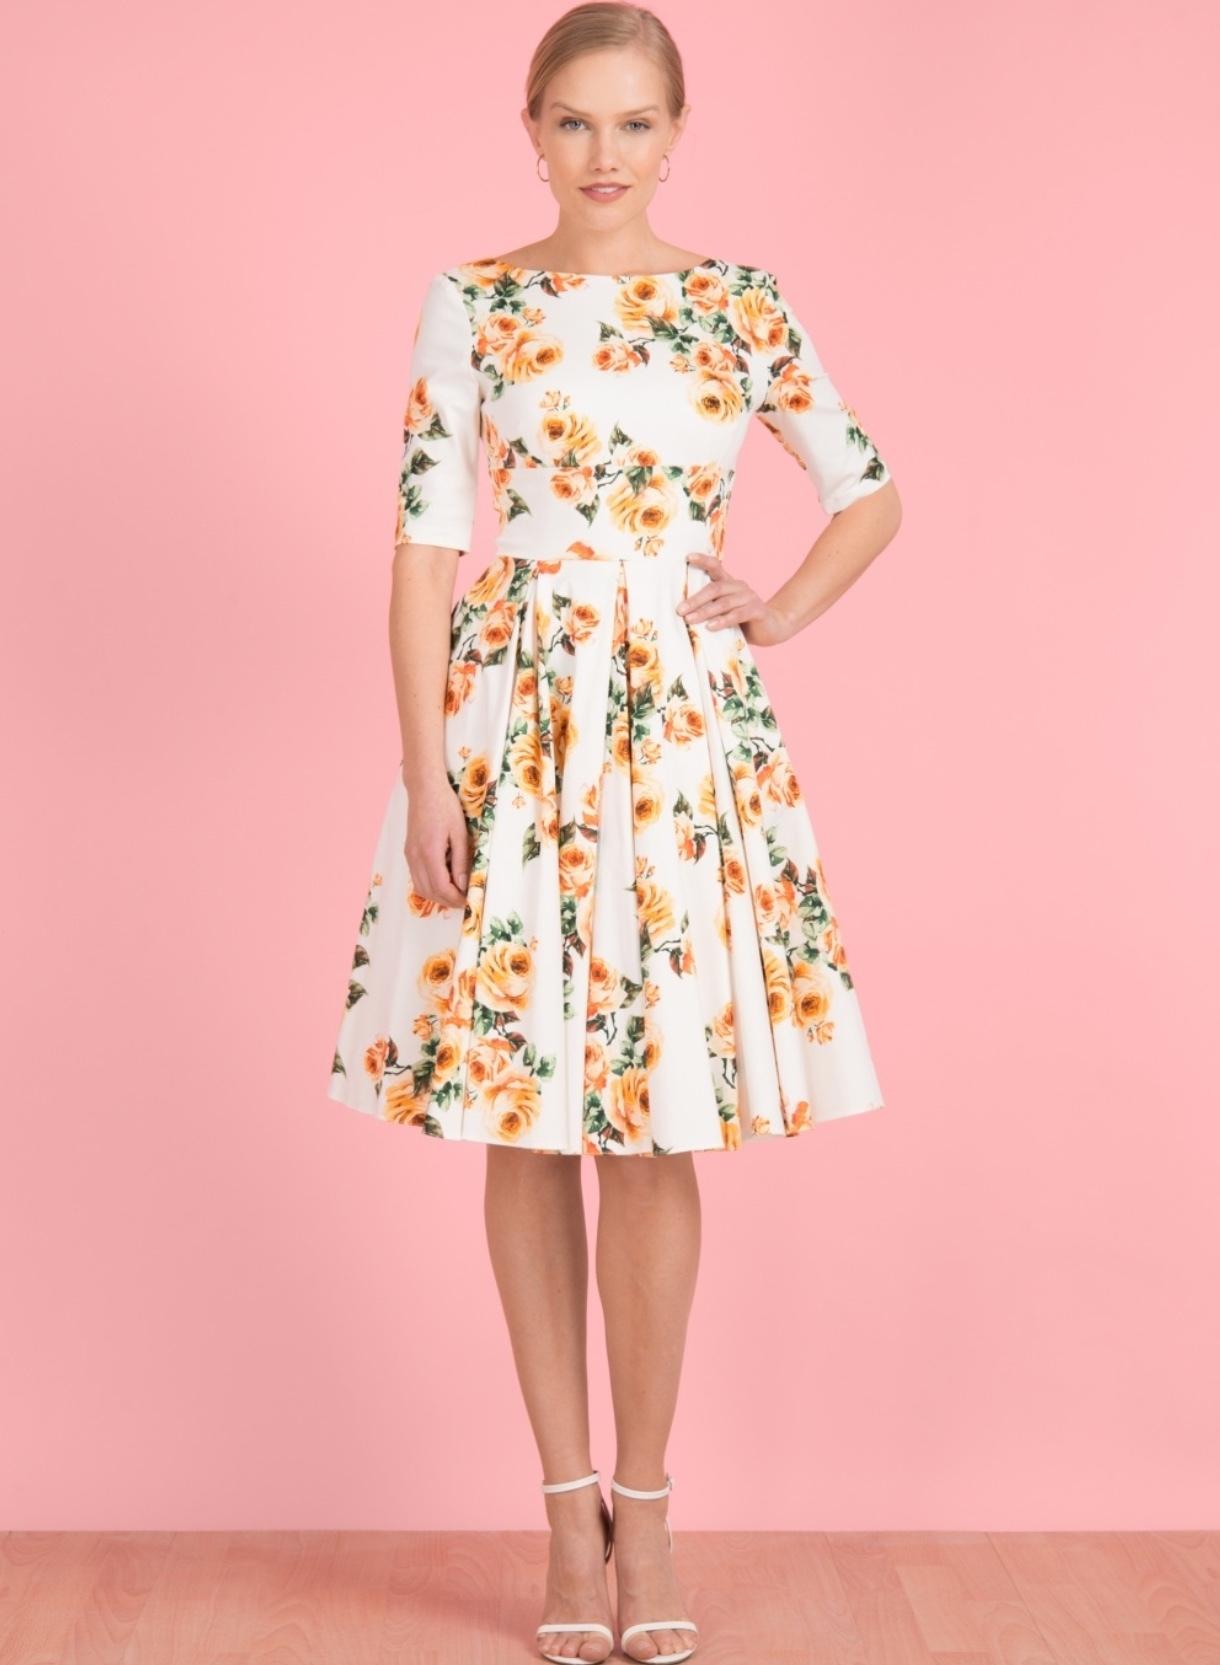 Hepburn Swing Dress in Vintage Rose